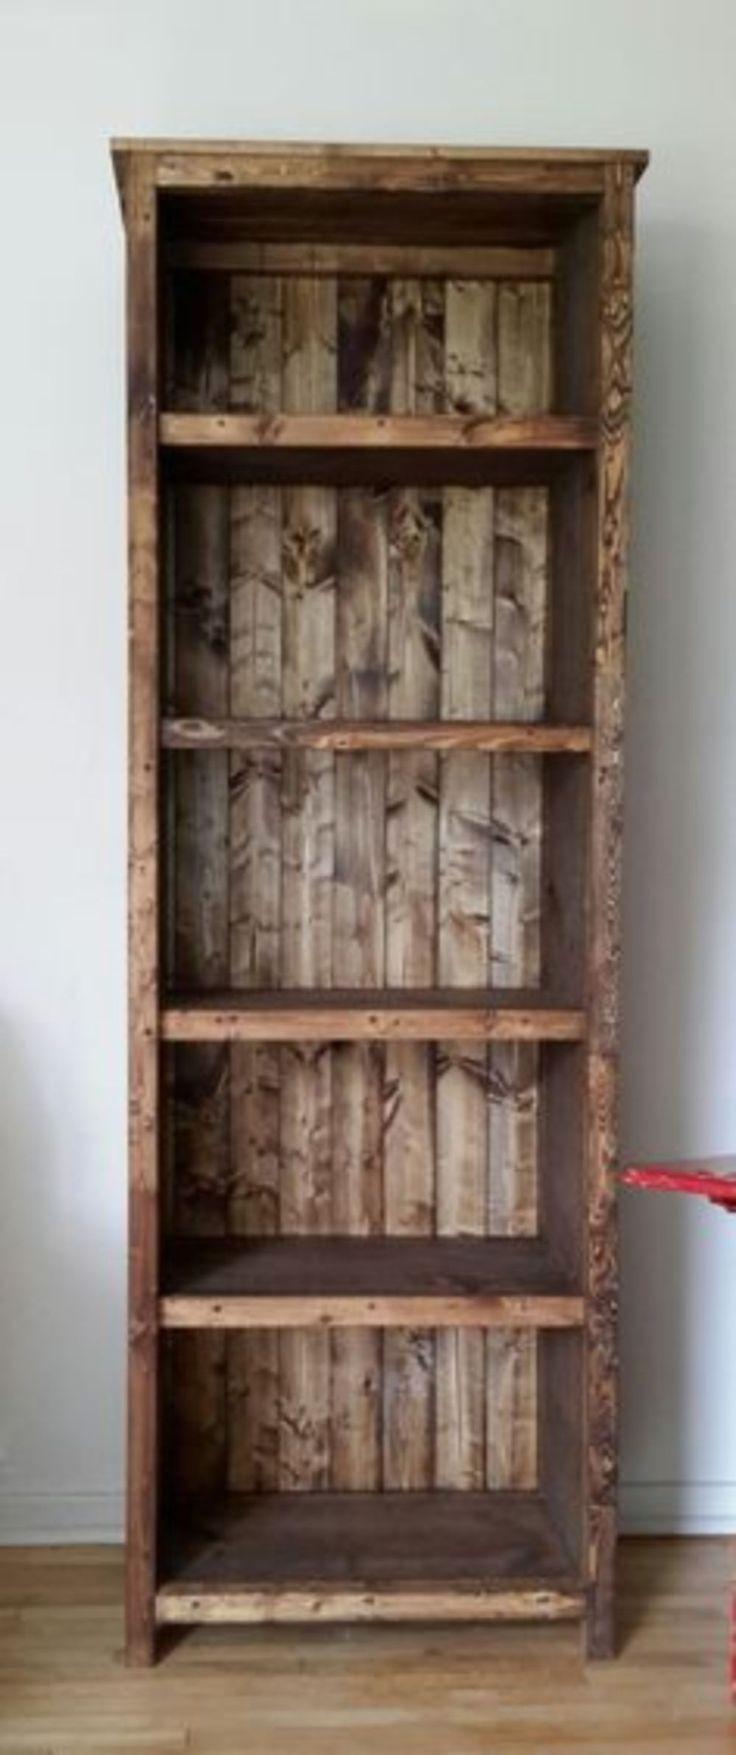 Best ideas about DIY Rustic Furniture . Save or Pin De 25 bedste idéer inden for Rustic wood furniture på Now.